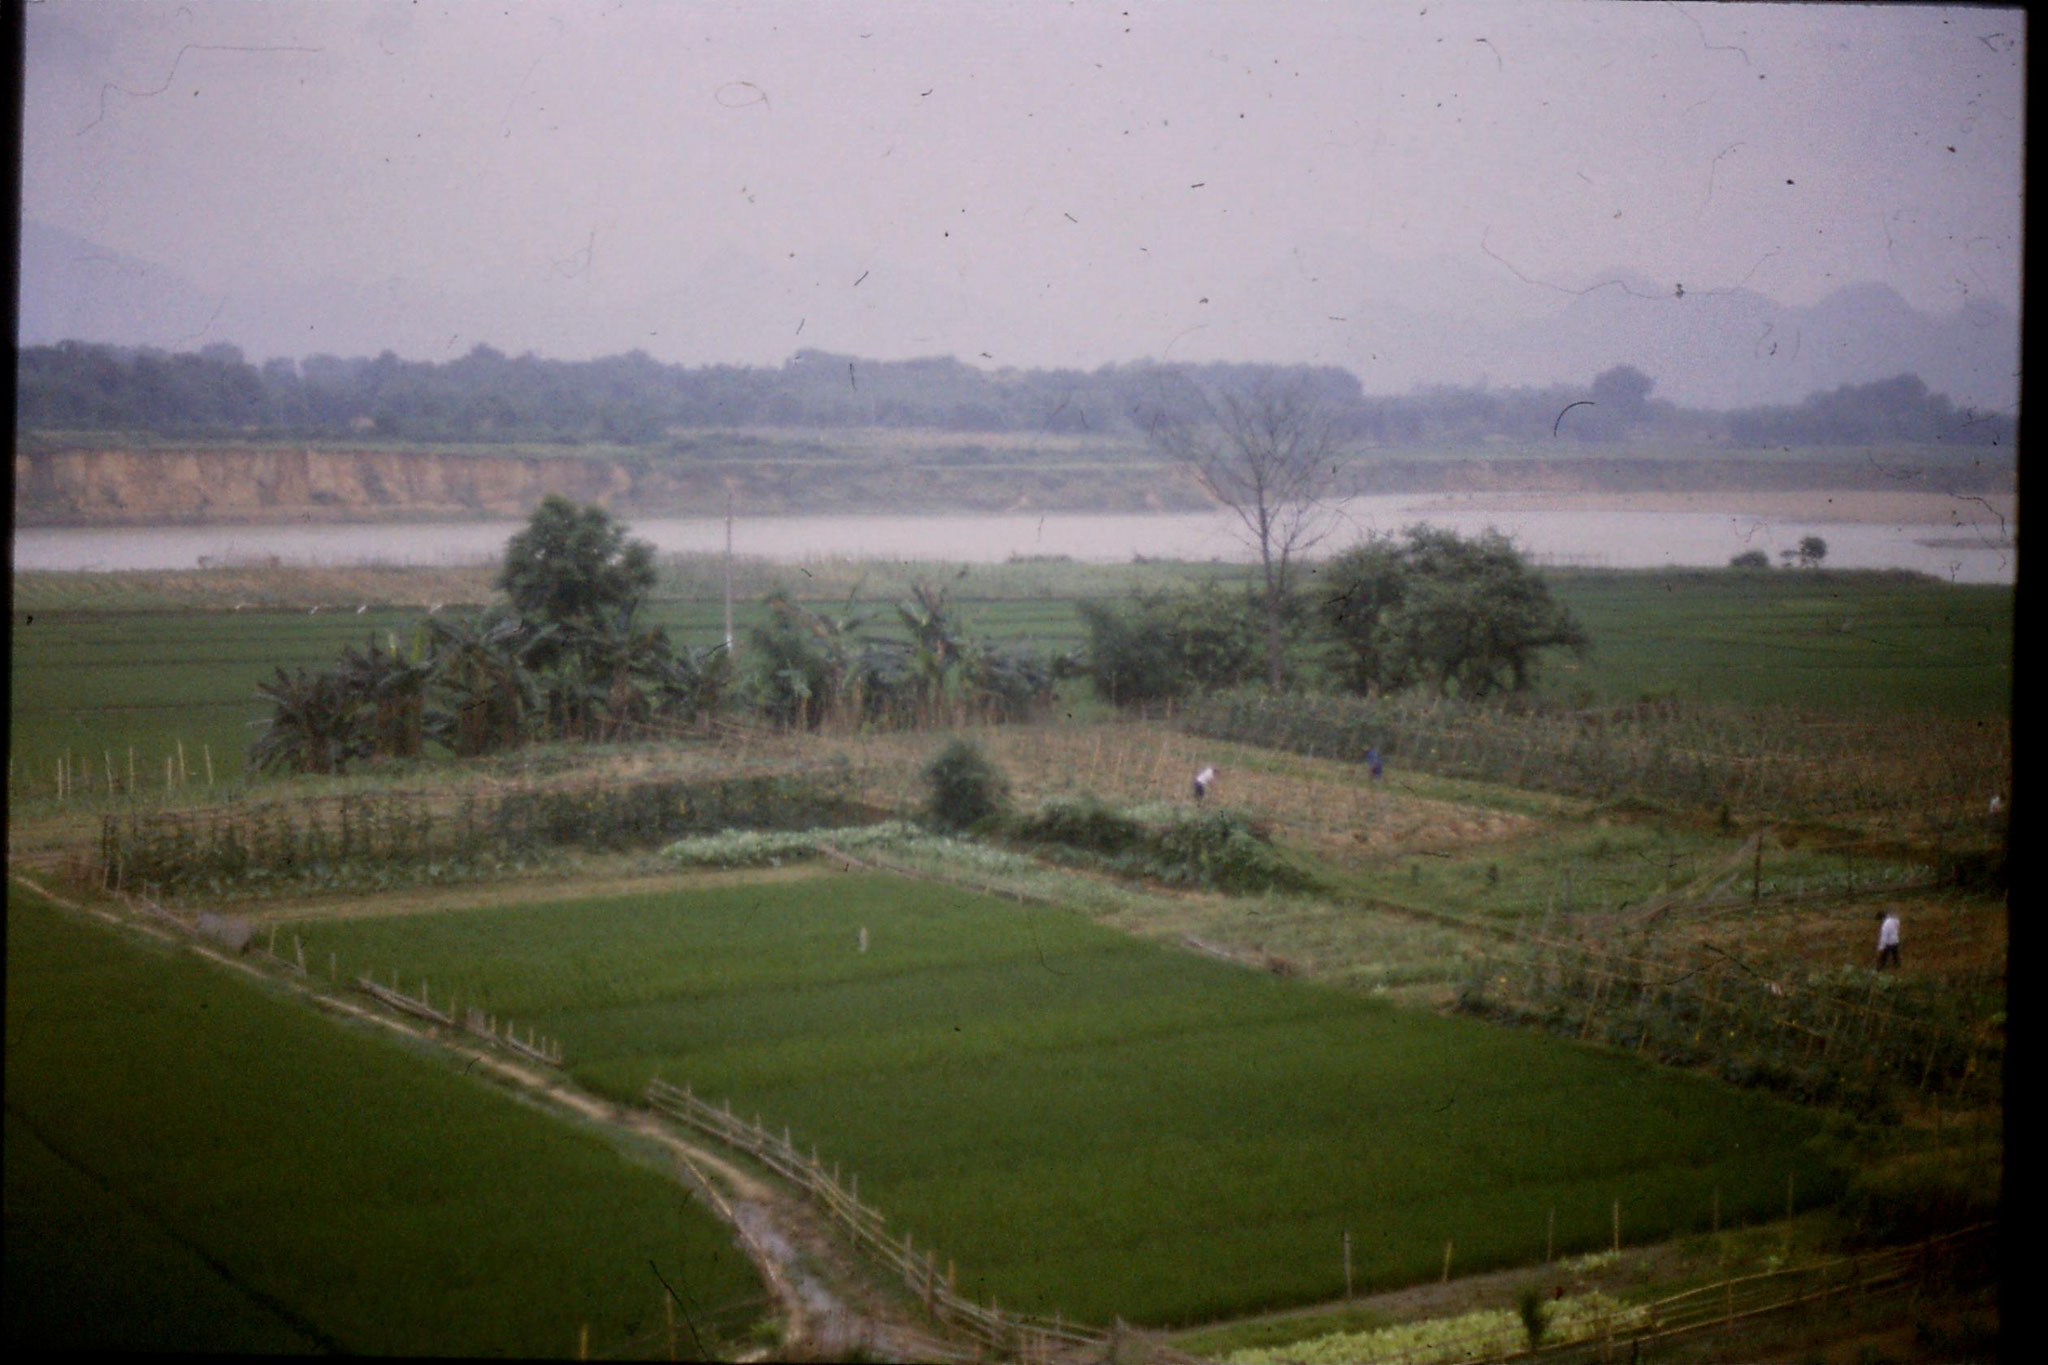 20/5/1989: 21: Guangzhou to Hangzhou,